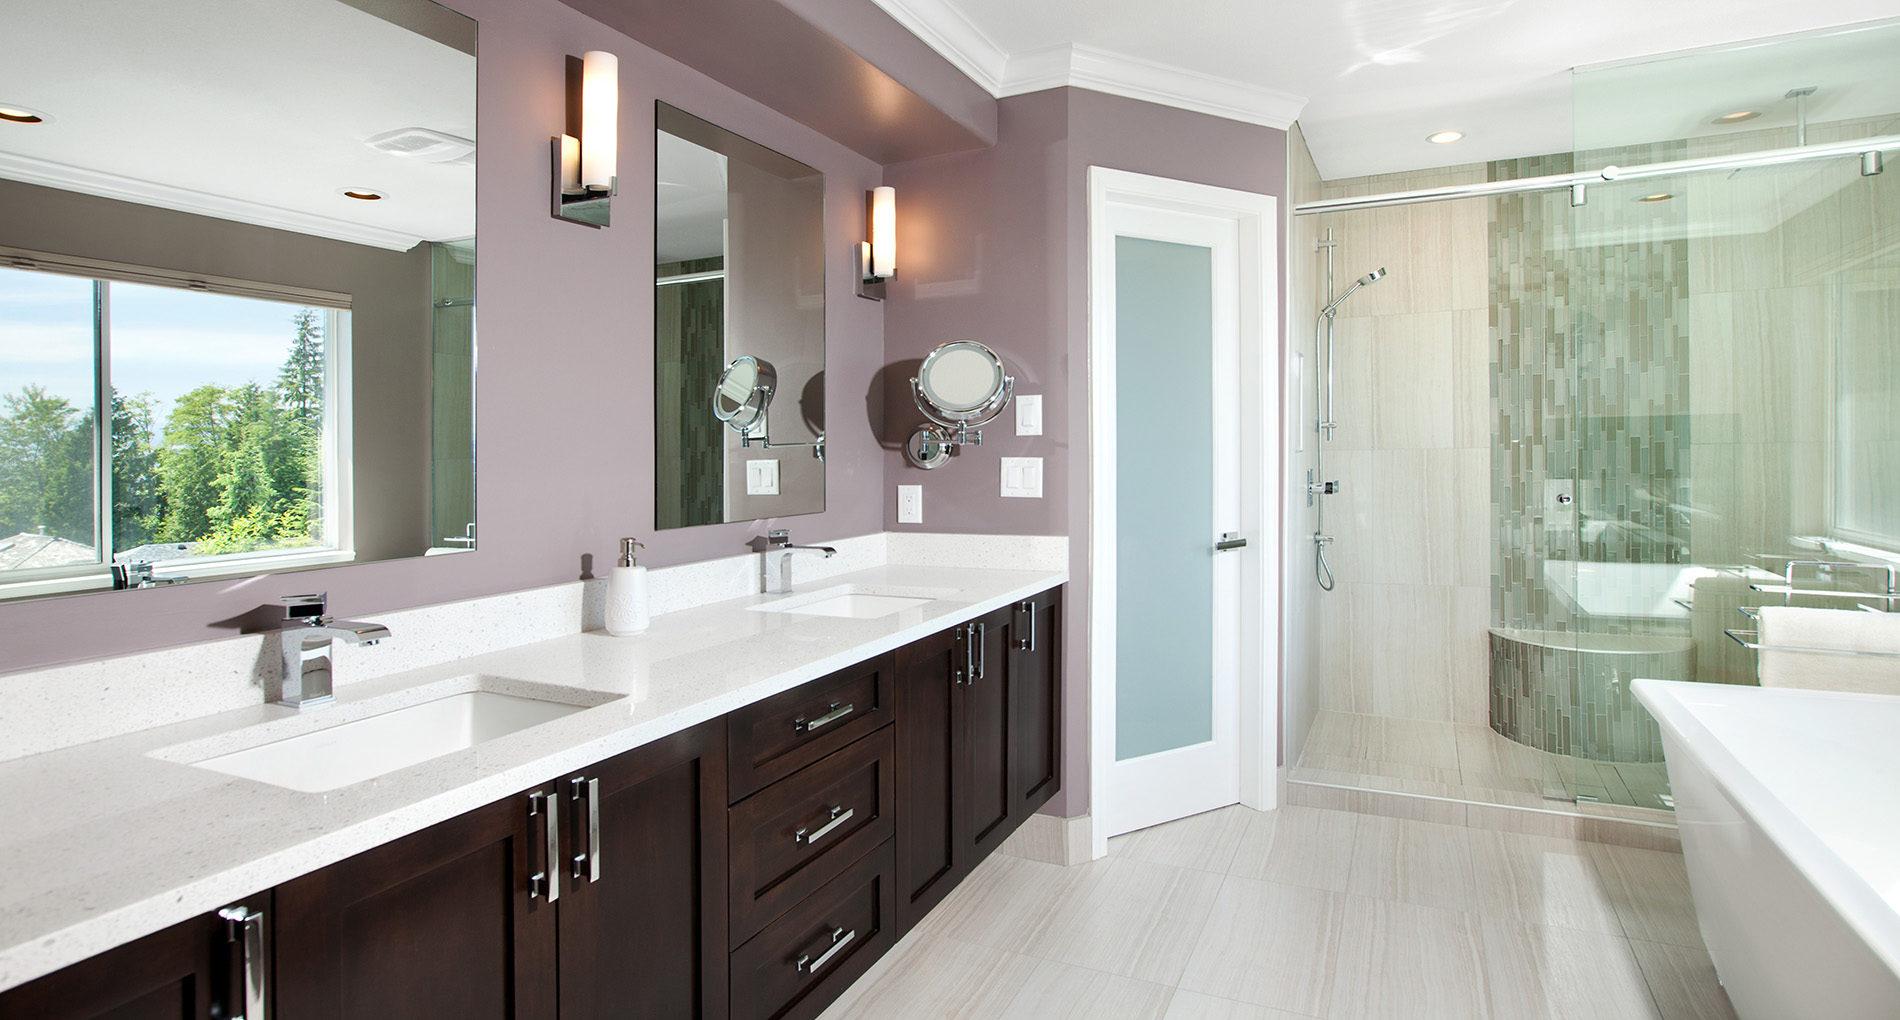 Bathroom Renovations & Design in North Vancouver | Alair ...